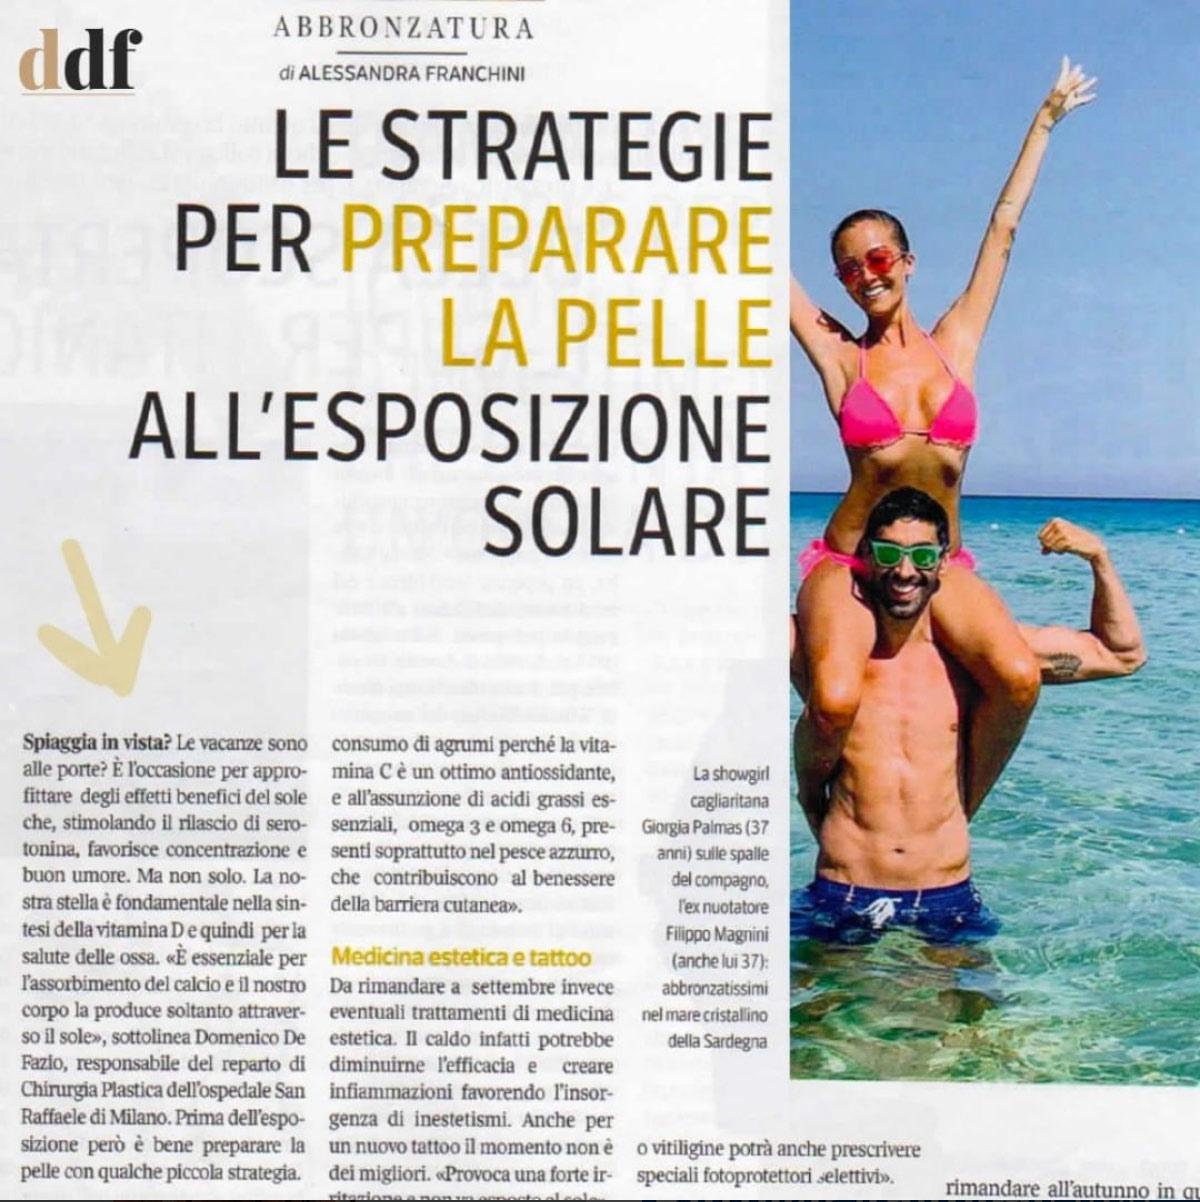 Corriere Sette / Abbronzatura